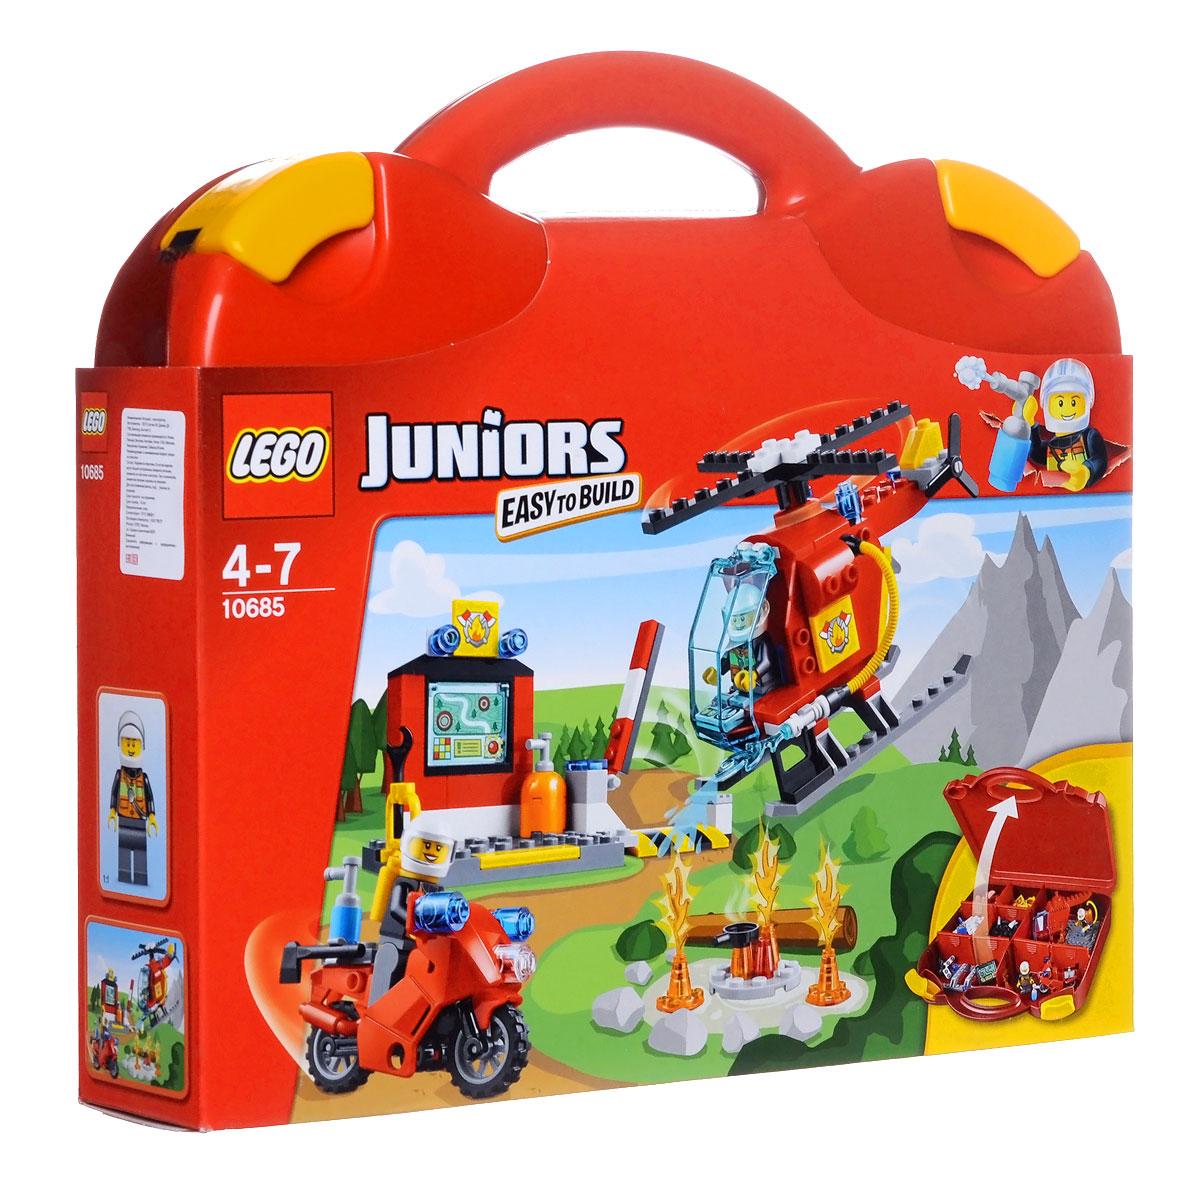 LEGO Juniors Конструктор Чемоданчик Пожар10685Туши пожар с помощью чемоданчика LEGO Juniors Пожарная станция! Построй пожарный вертолет, пожарный мотоцикл и центральную станцию, а затем помоги пожарным спасти положение! Этот набор для начинающих очень прост в сборке. Понятные инструкции позволяют детям быстро получить результат и приступить к игре. Этот красочный игровой набор содержит 113 пластиковых элементов для сборки, в том числе две фигурки пожарных, а также инструкцию по сборке. Конструктор упакован в удобный пластиковый чемоданчик. Конструктор - это один из самых увлекательнейших и веселых способов времяпрепровождения. Ребенок сможет часами играть с конструктором, придумывая различные ситуации и истории. В процессе игры с конструкторами LEGO дети приобретают и постигают такие необходимые навыки как познание, творчество, воображение. Обычные наблюдения за детьми показывают, что единственное, чему они с удовольствием посвящают время, - это игры. Игра - это состояние души, это веселый опыт познания...